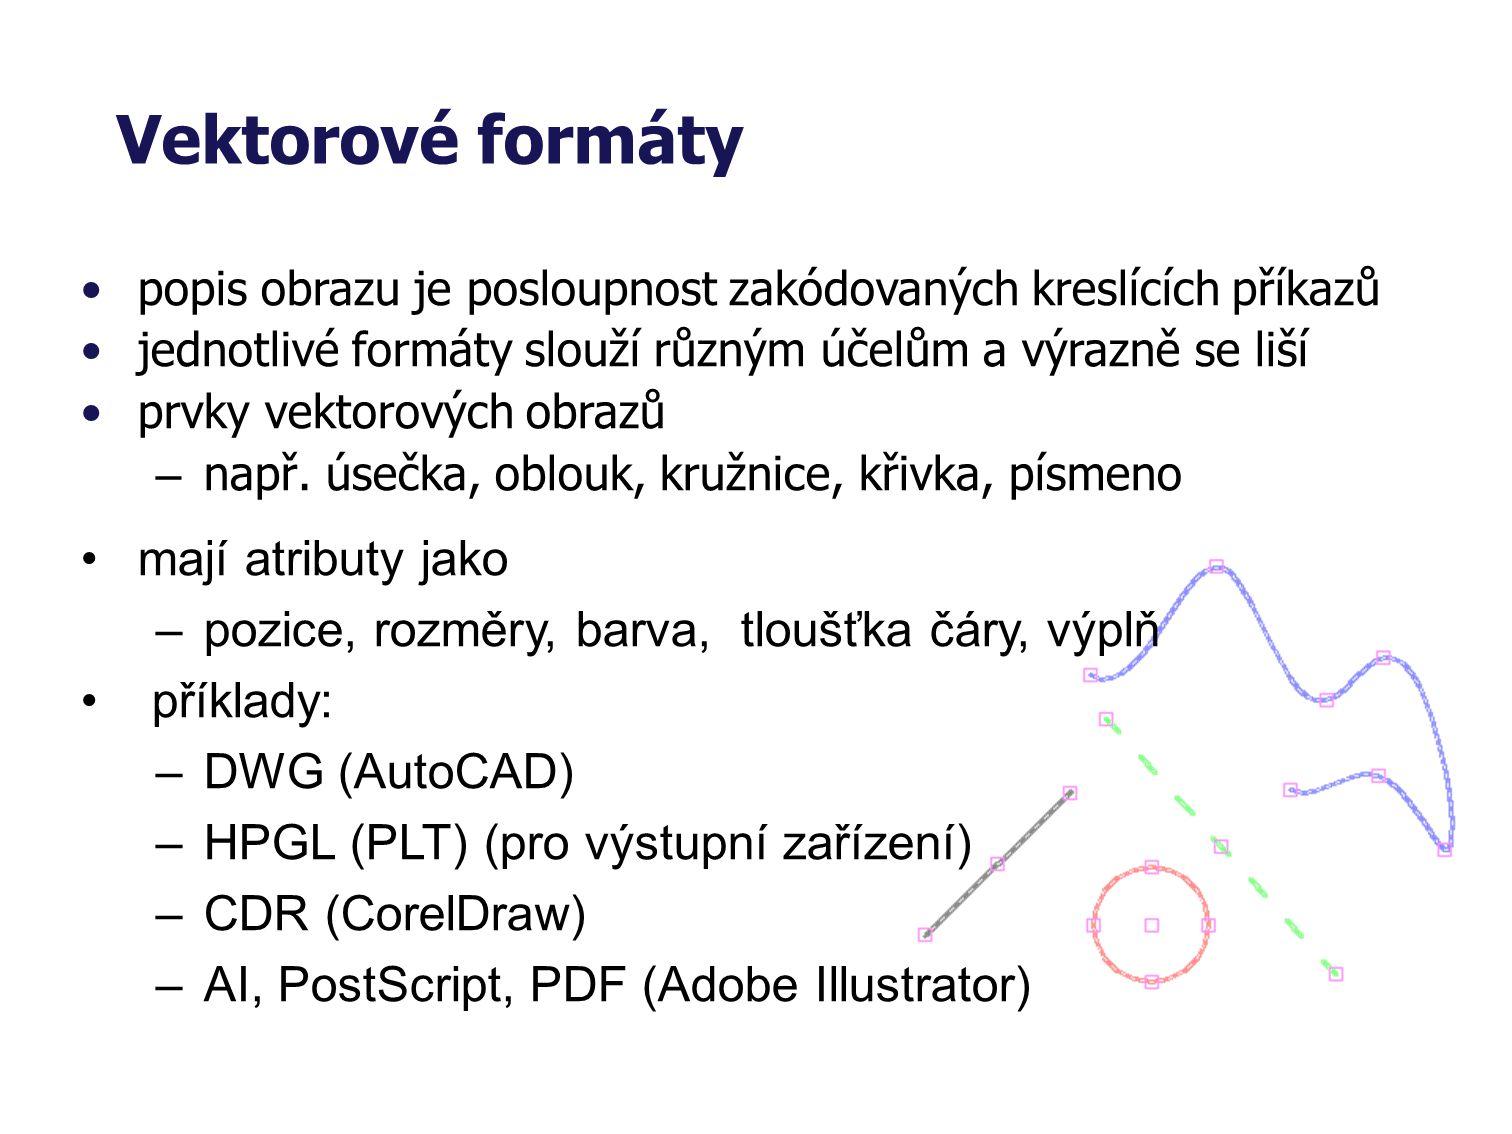 Vektorové formáty mají atributy jako